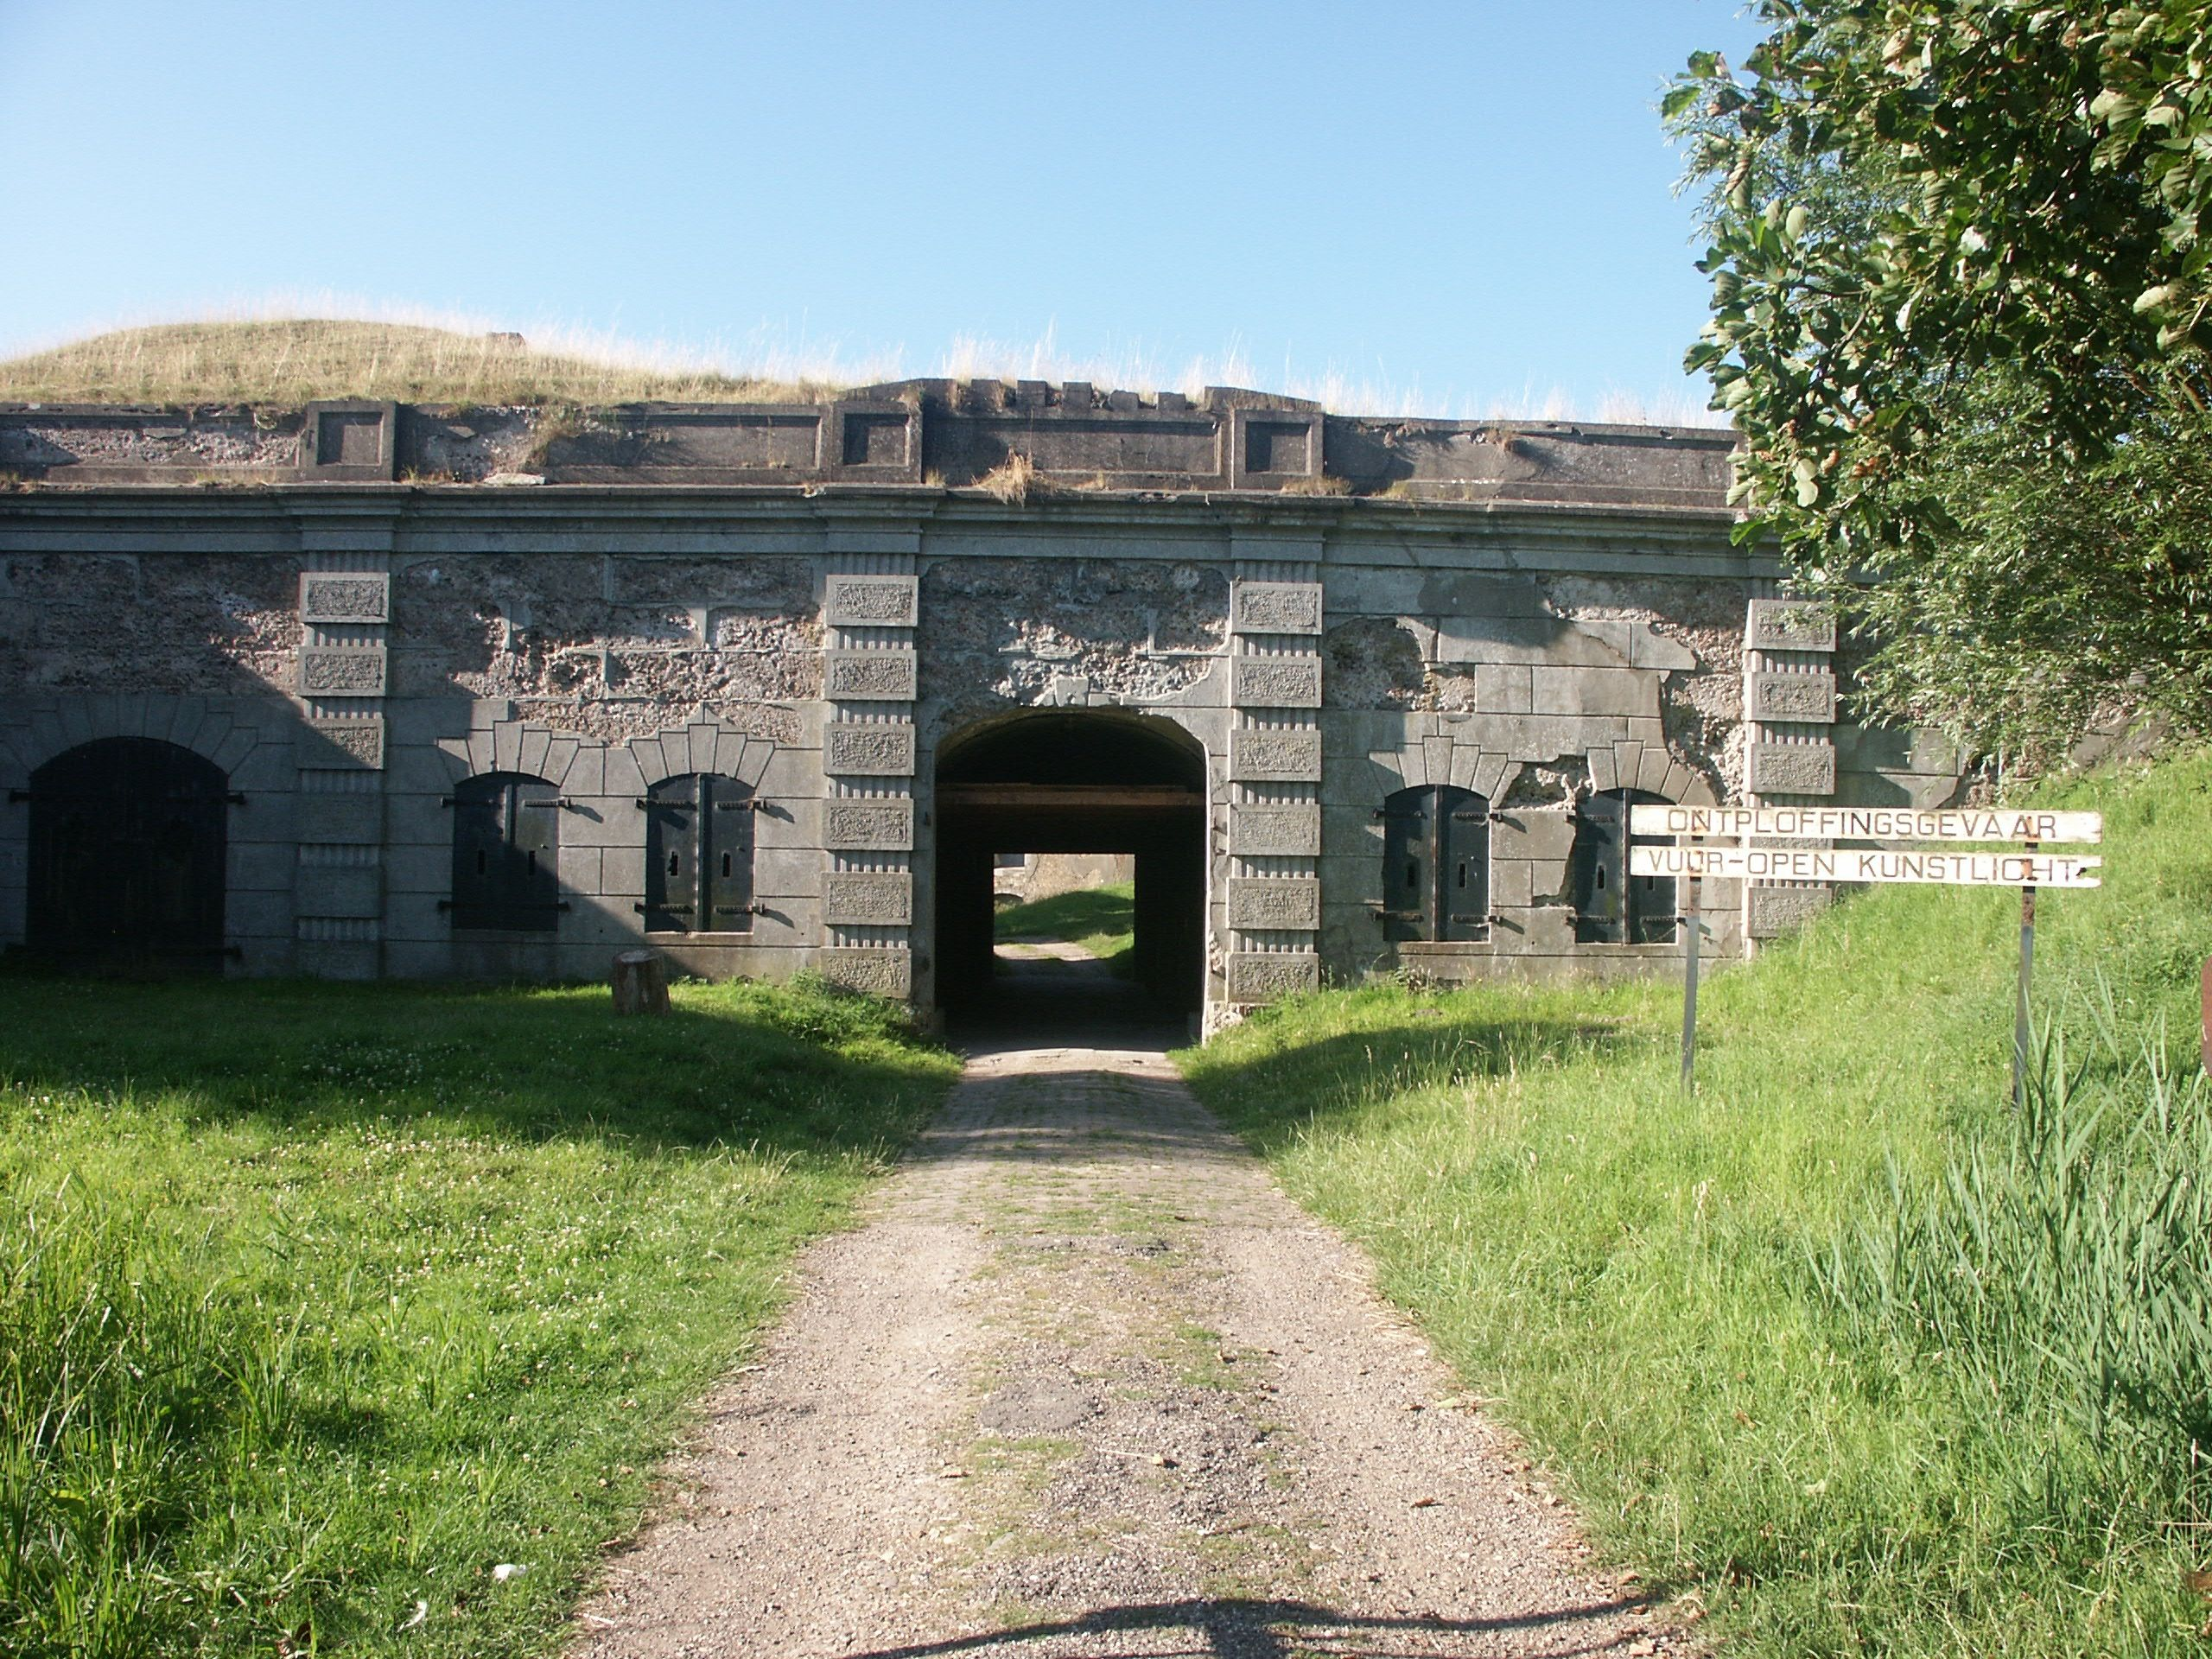 Willemstad (Noord-Brabant) - Fort Sabina